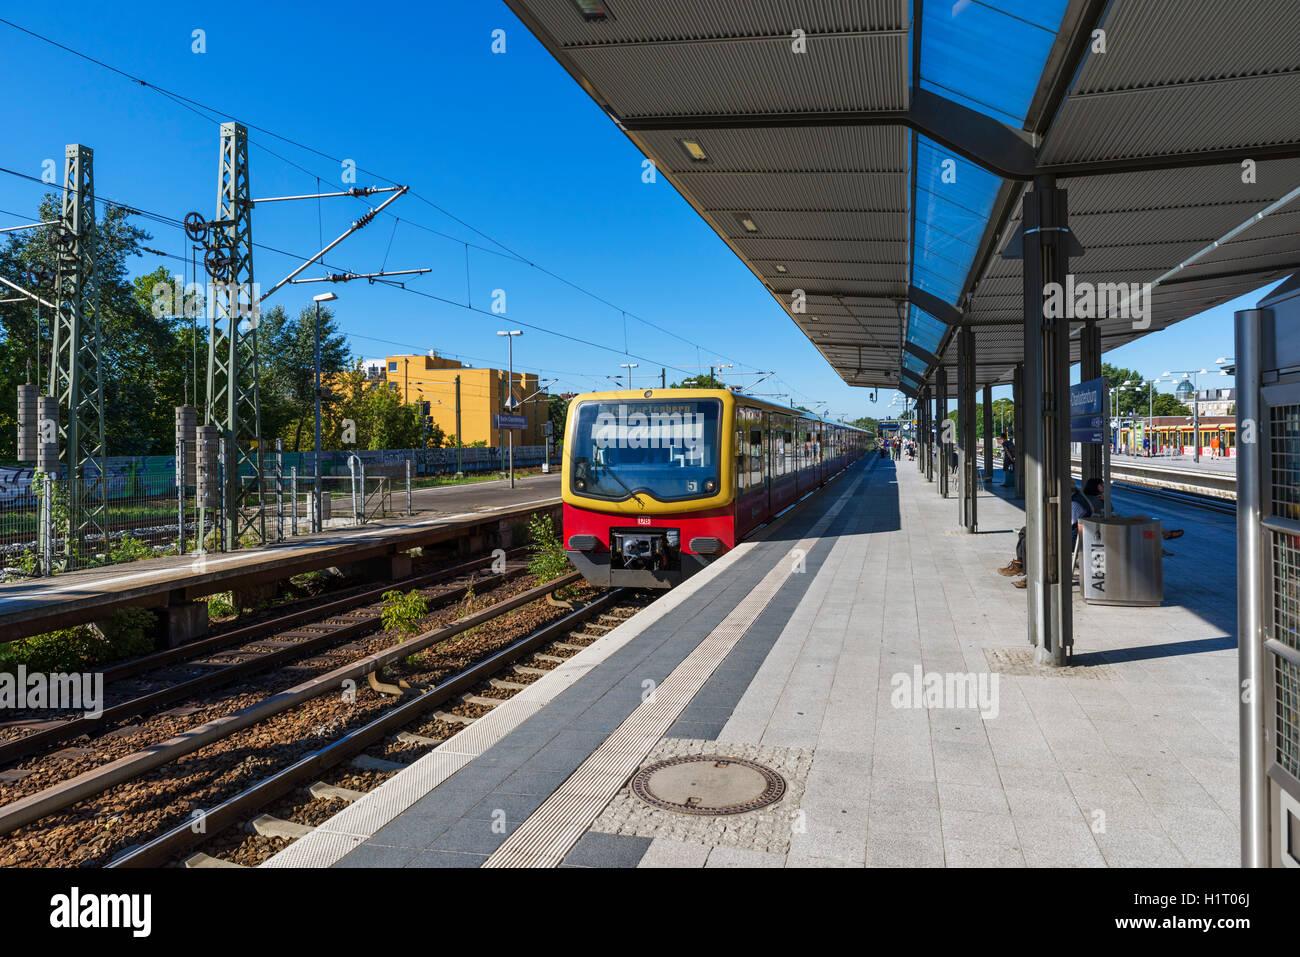 Eine S-Bahn-Zug am Bahnhof Charlottenburg, Berlin, Deutschland Stockbild